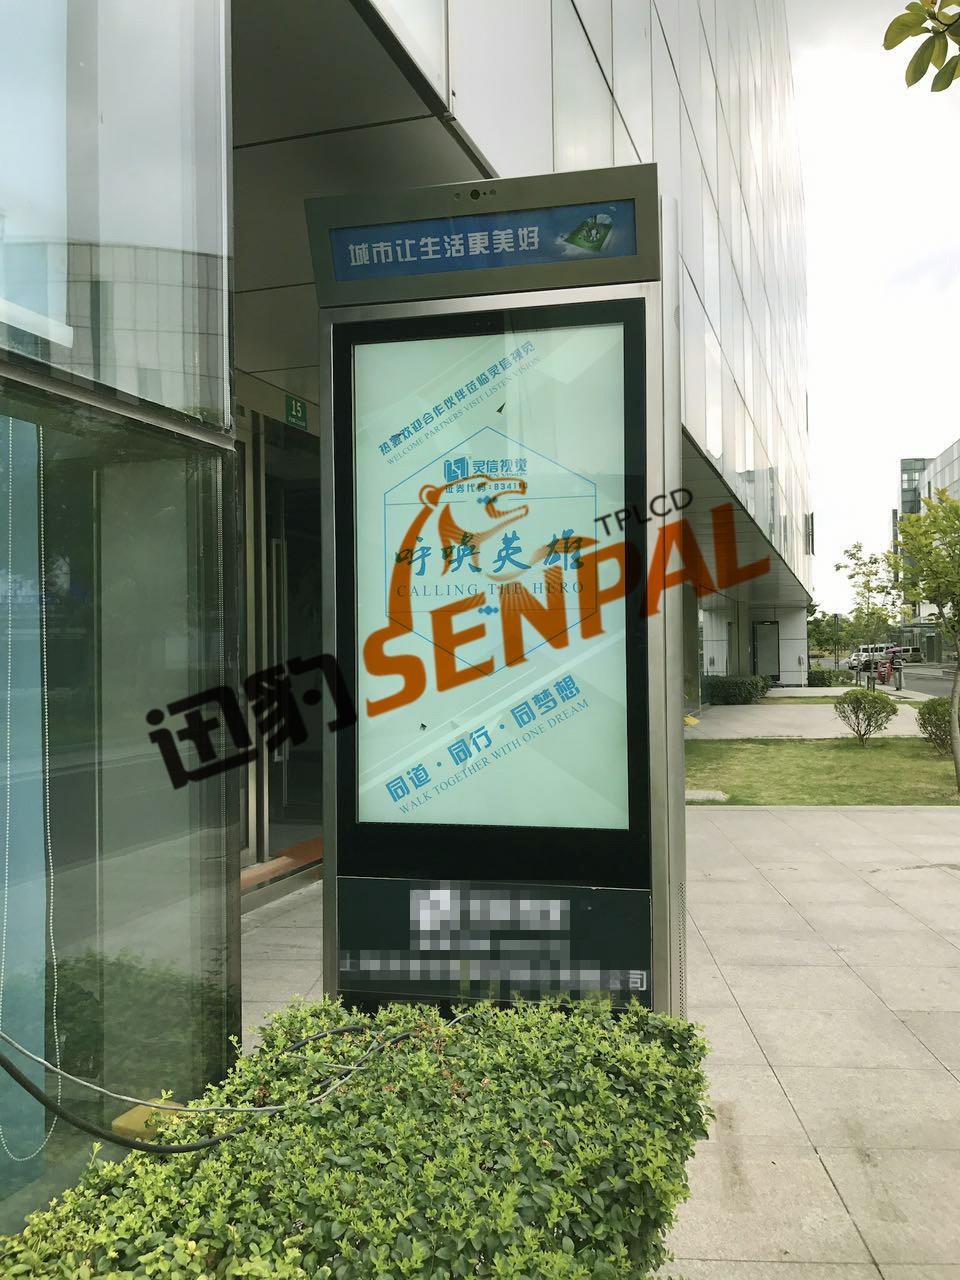 上海公交站应用